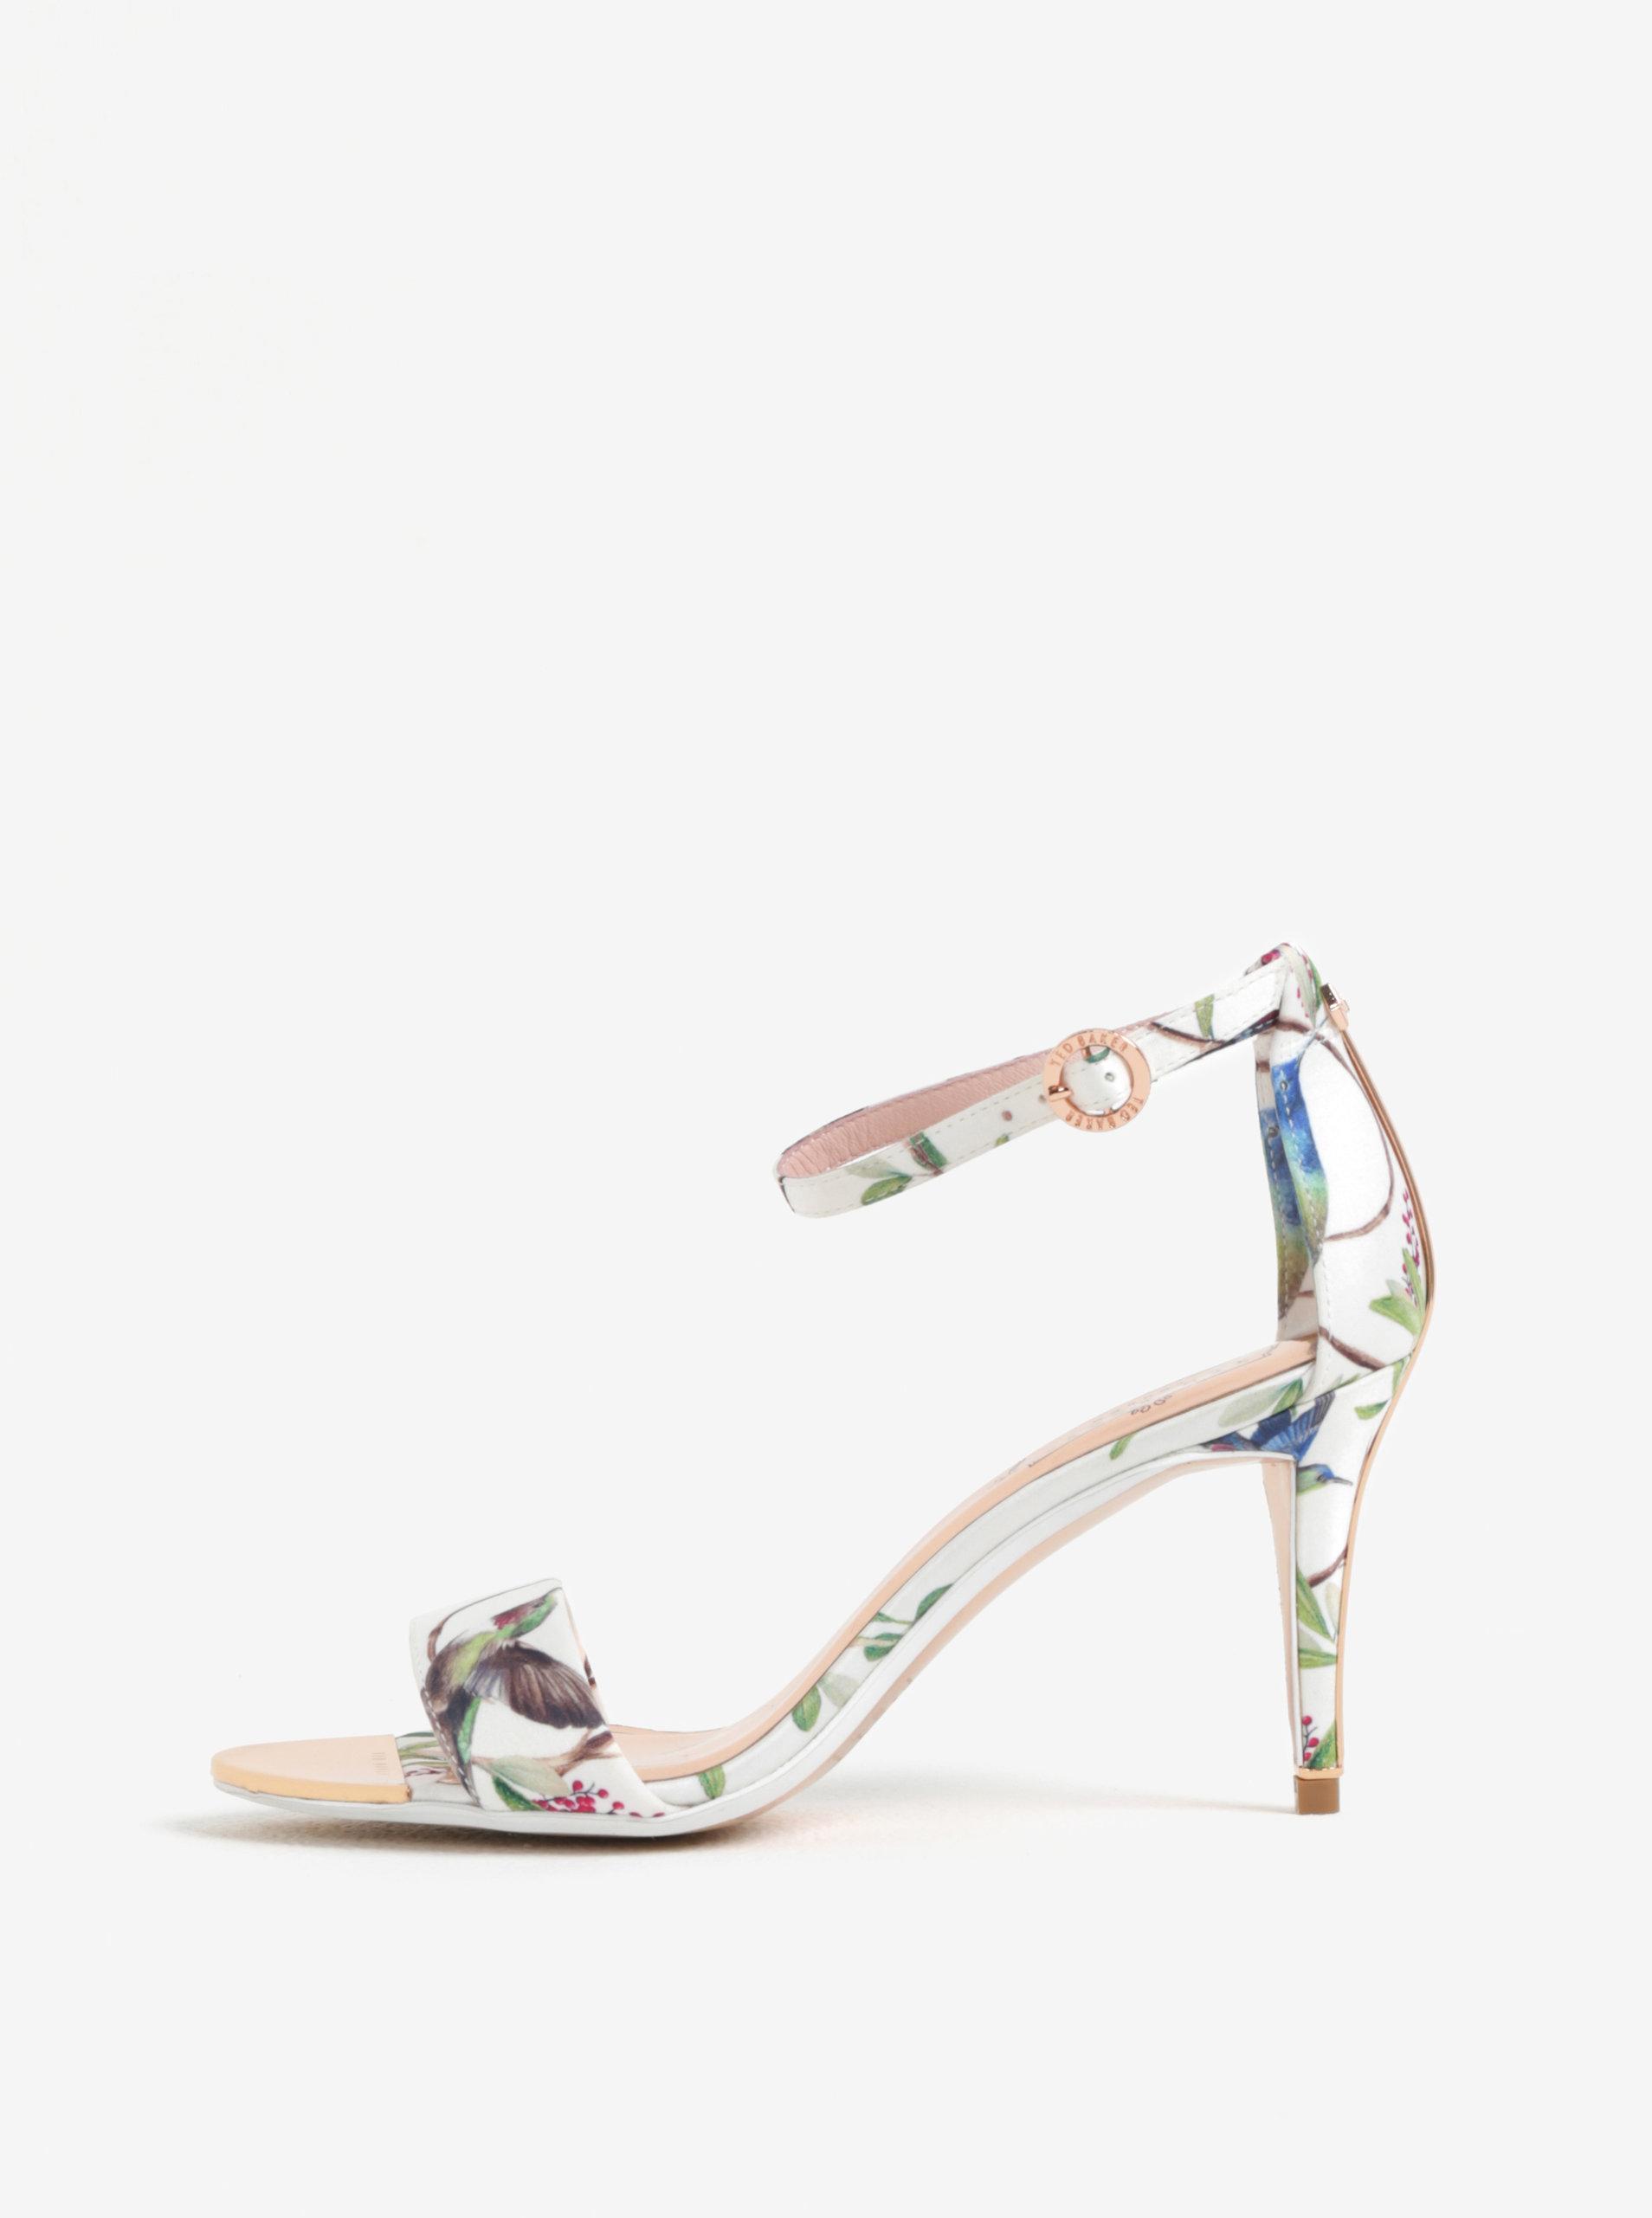 Krémové vzorované sandálky na jehlovém podpatku Ted Baker Mavbe ... 5e65aadff2